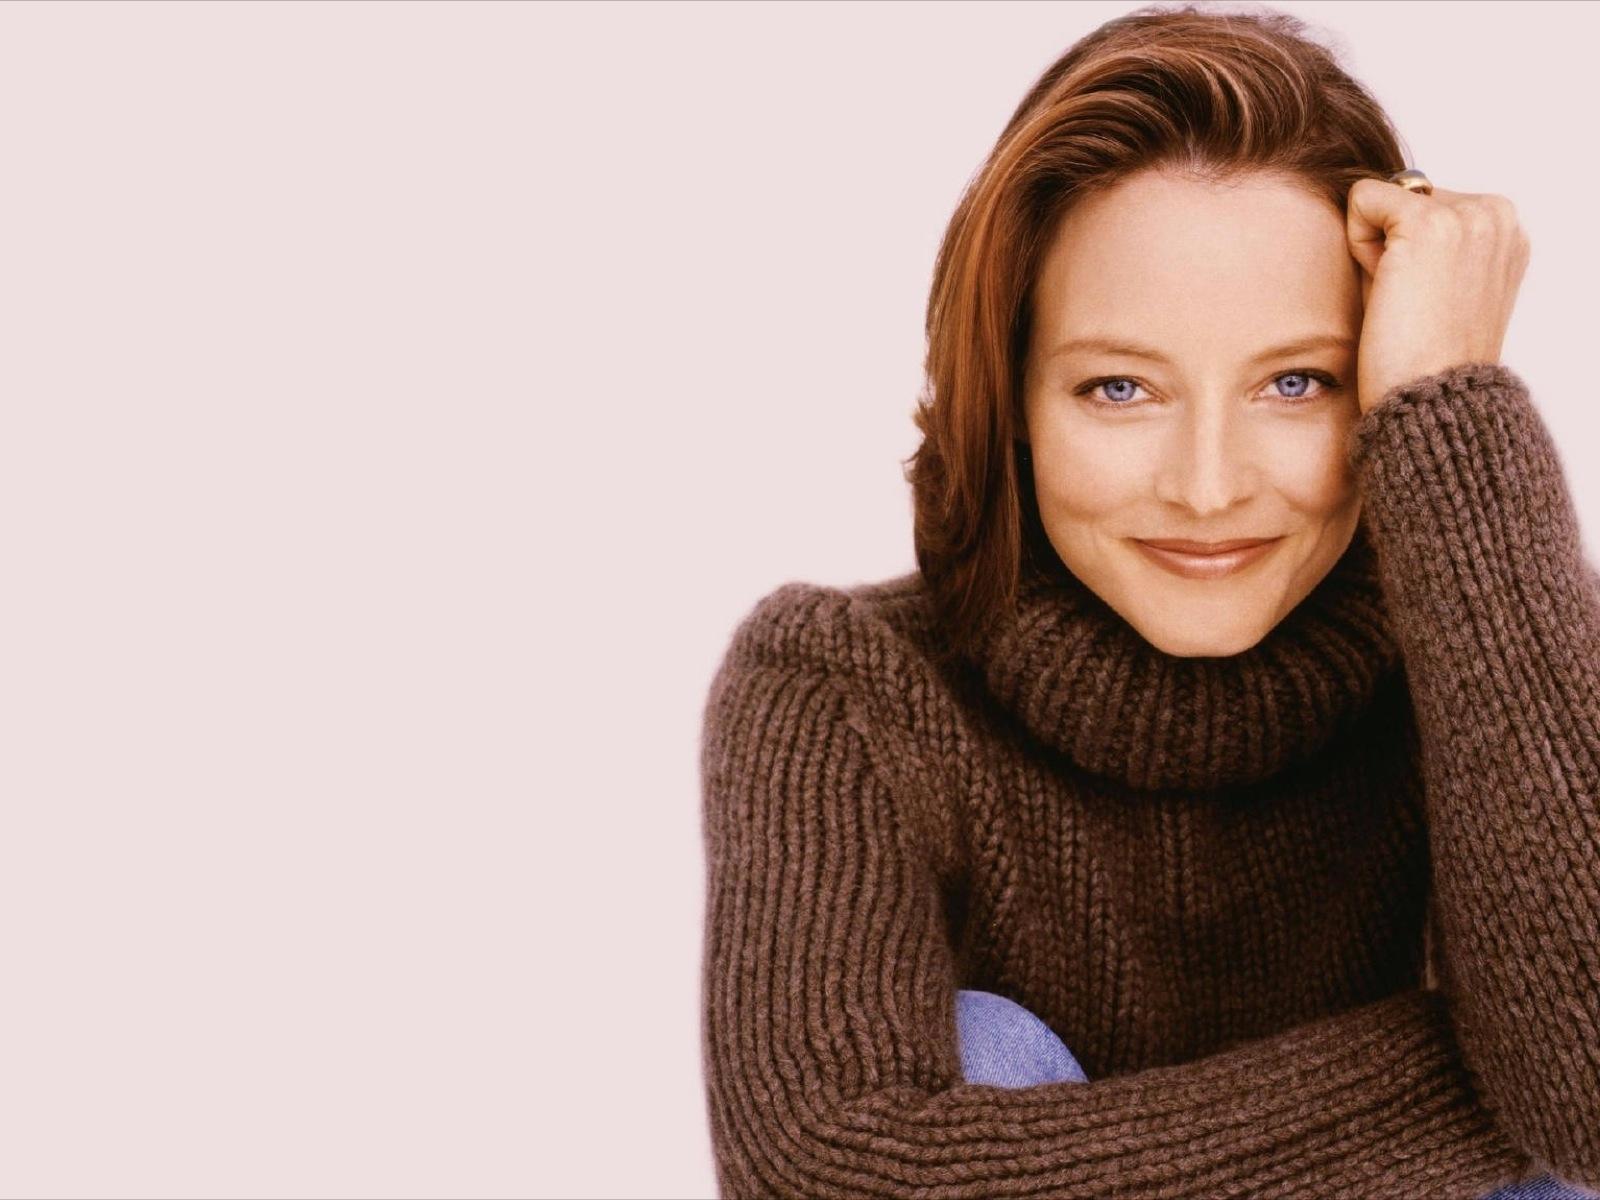 http://4.bp.blogspot.com/-OnQ7GEhSz1Y/UPbzZrGdcpI/AAAAAAAAsNU/-MeydS11QzI/s1600/Jodie-Foster-character.jpg